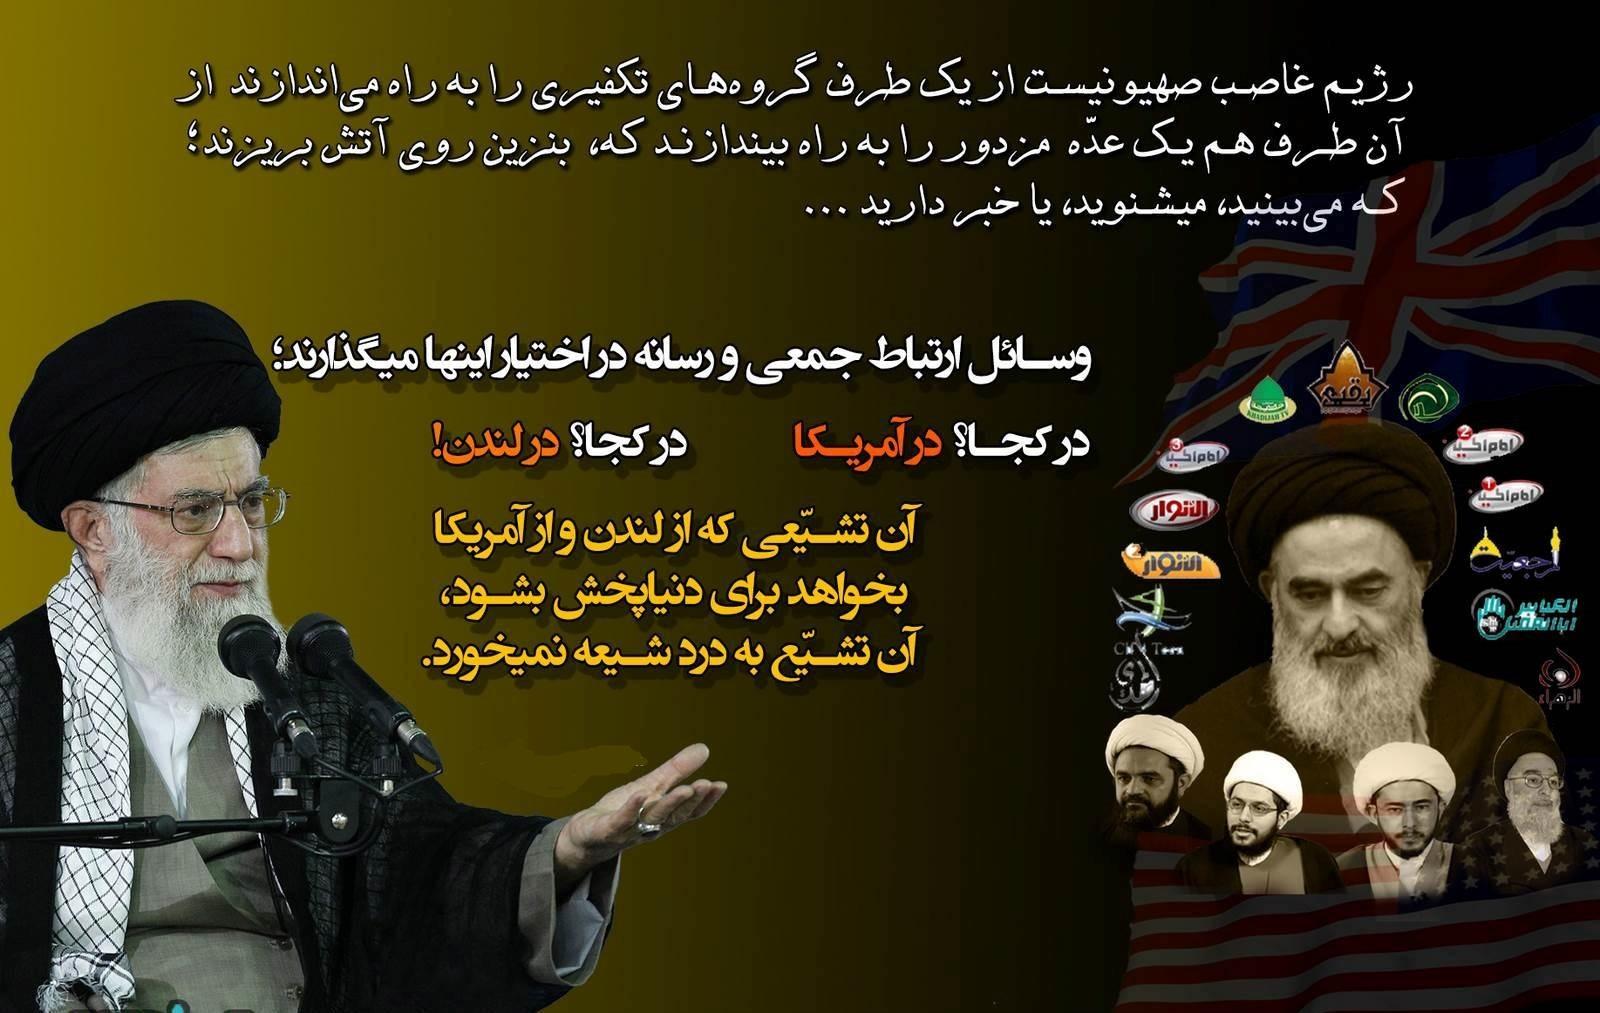 تبیین خطر تشیع انگلیسی و اسلام آمریکایی وظیفه ی همه است امّا...